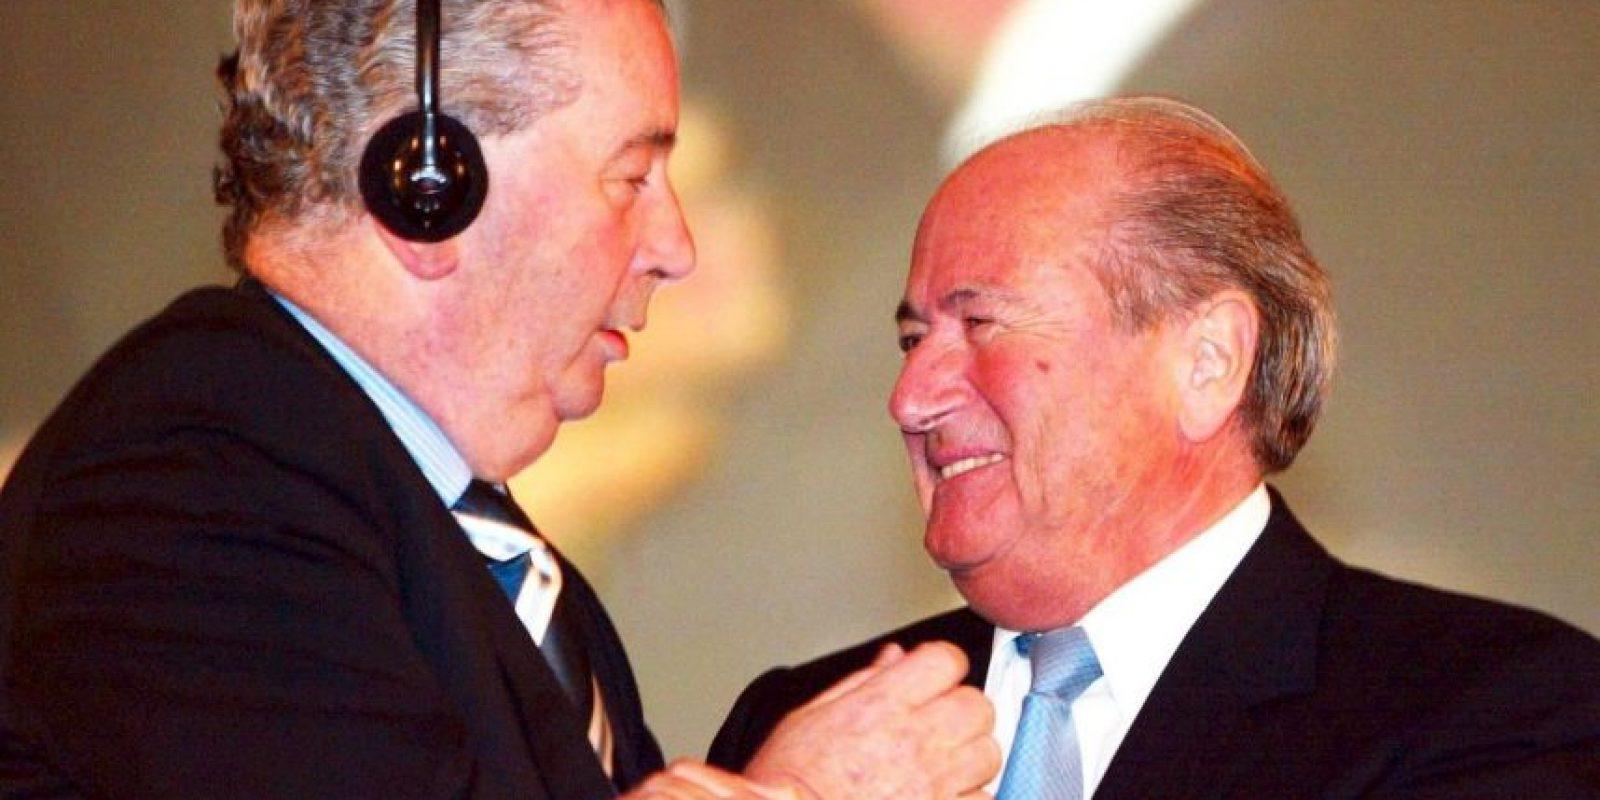 Julio Grondona, expresidente de la AFA, es acusado de corrupción y manejos ilícitos en el fútbol. Foto:Getty Images